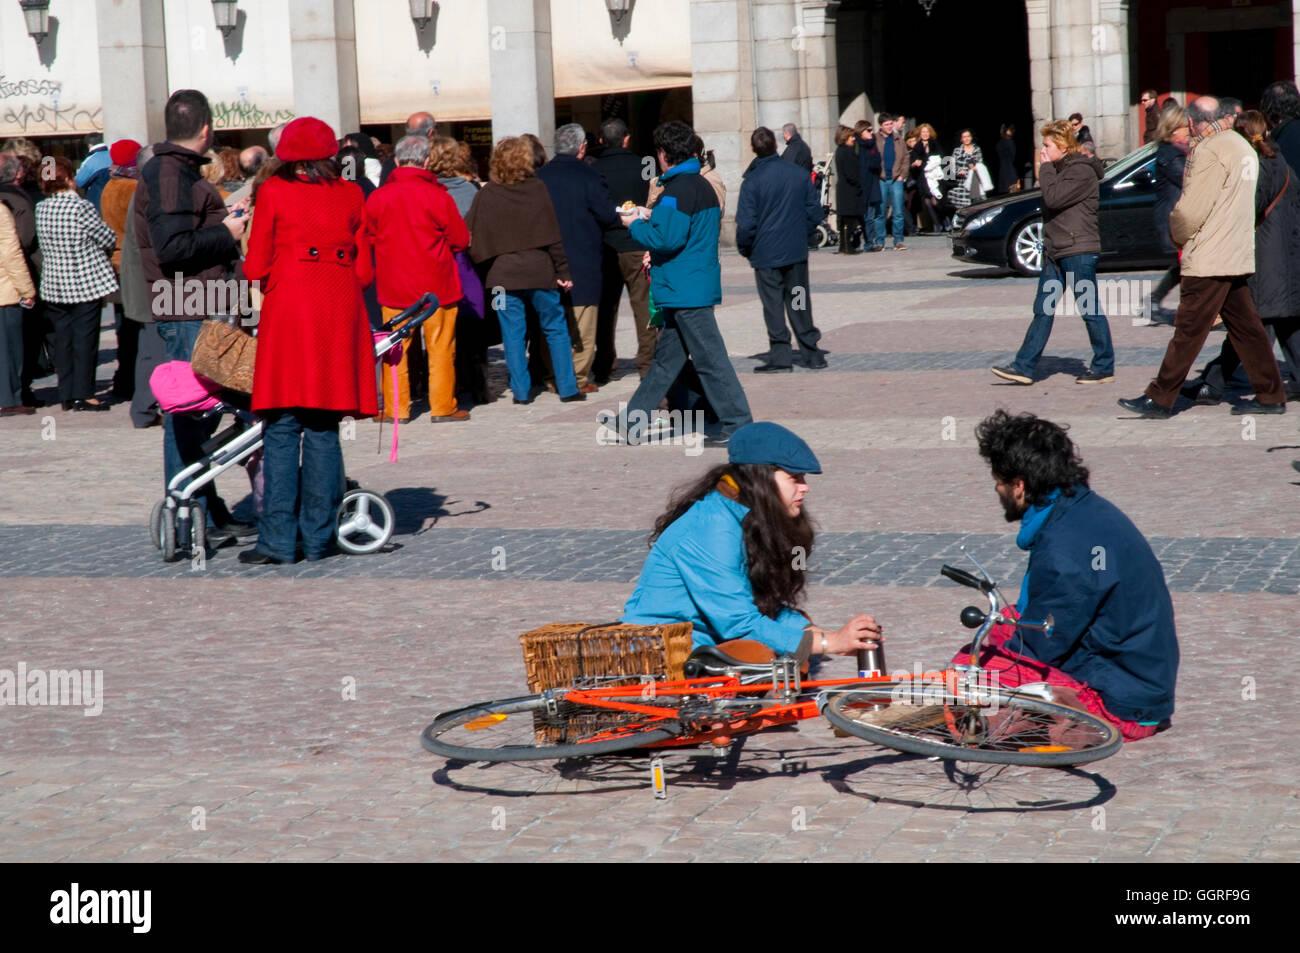 La gente en la plaza principal. Madrid, España. Imagen De Stock